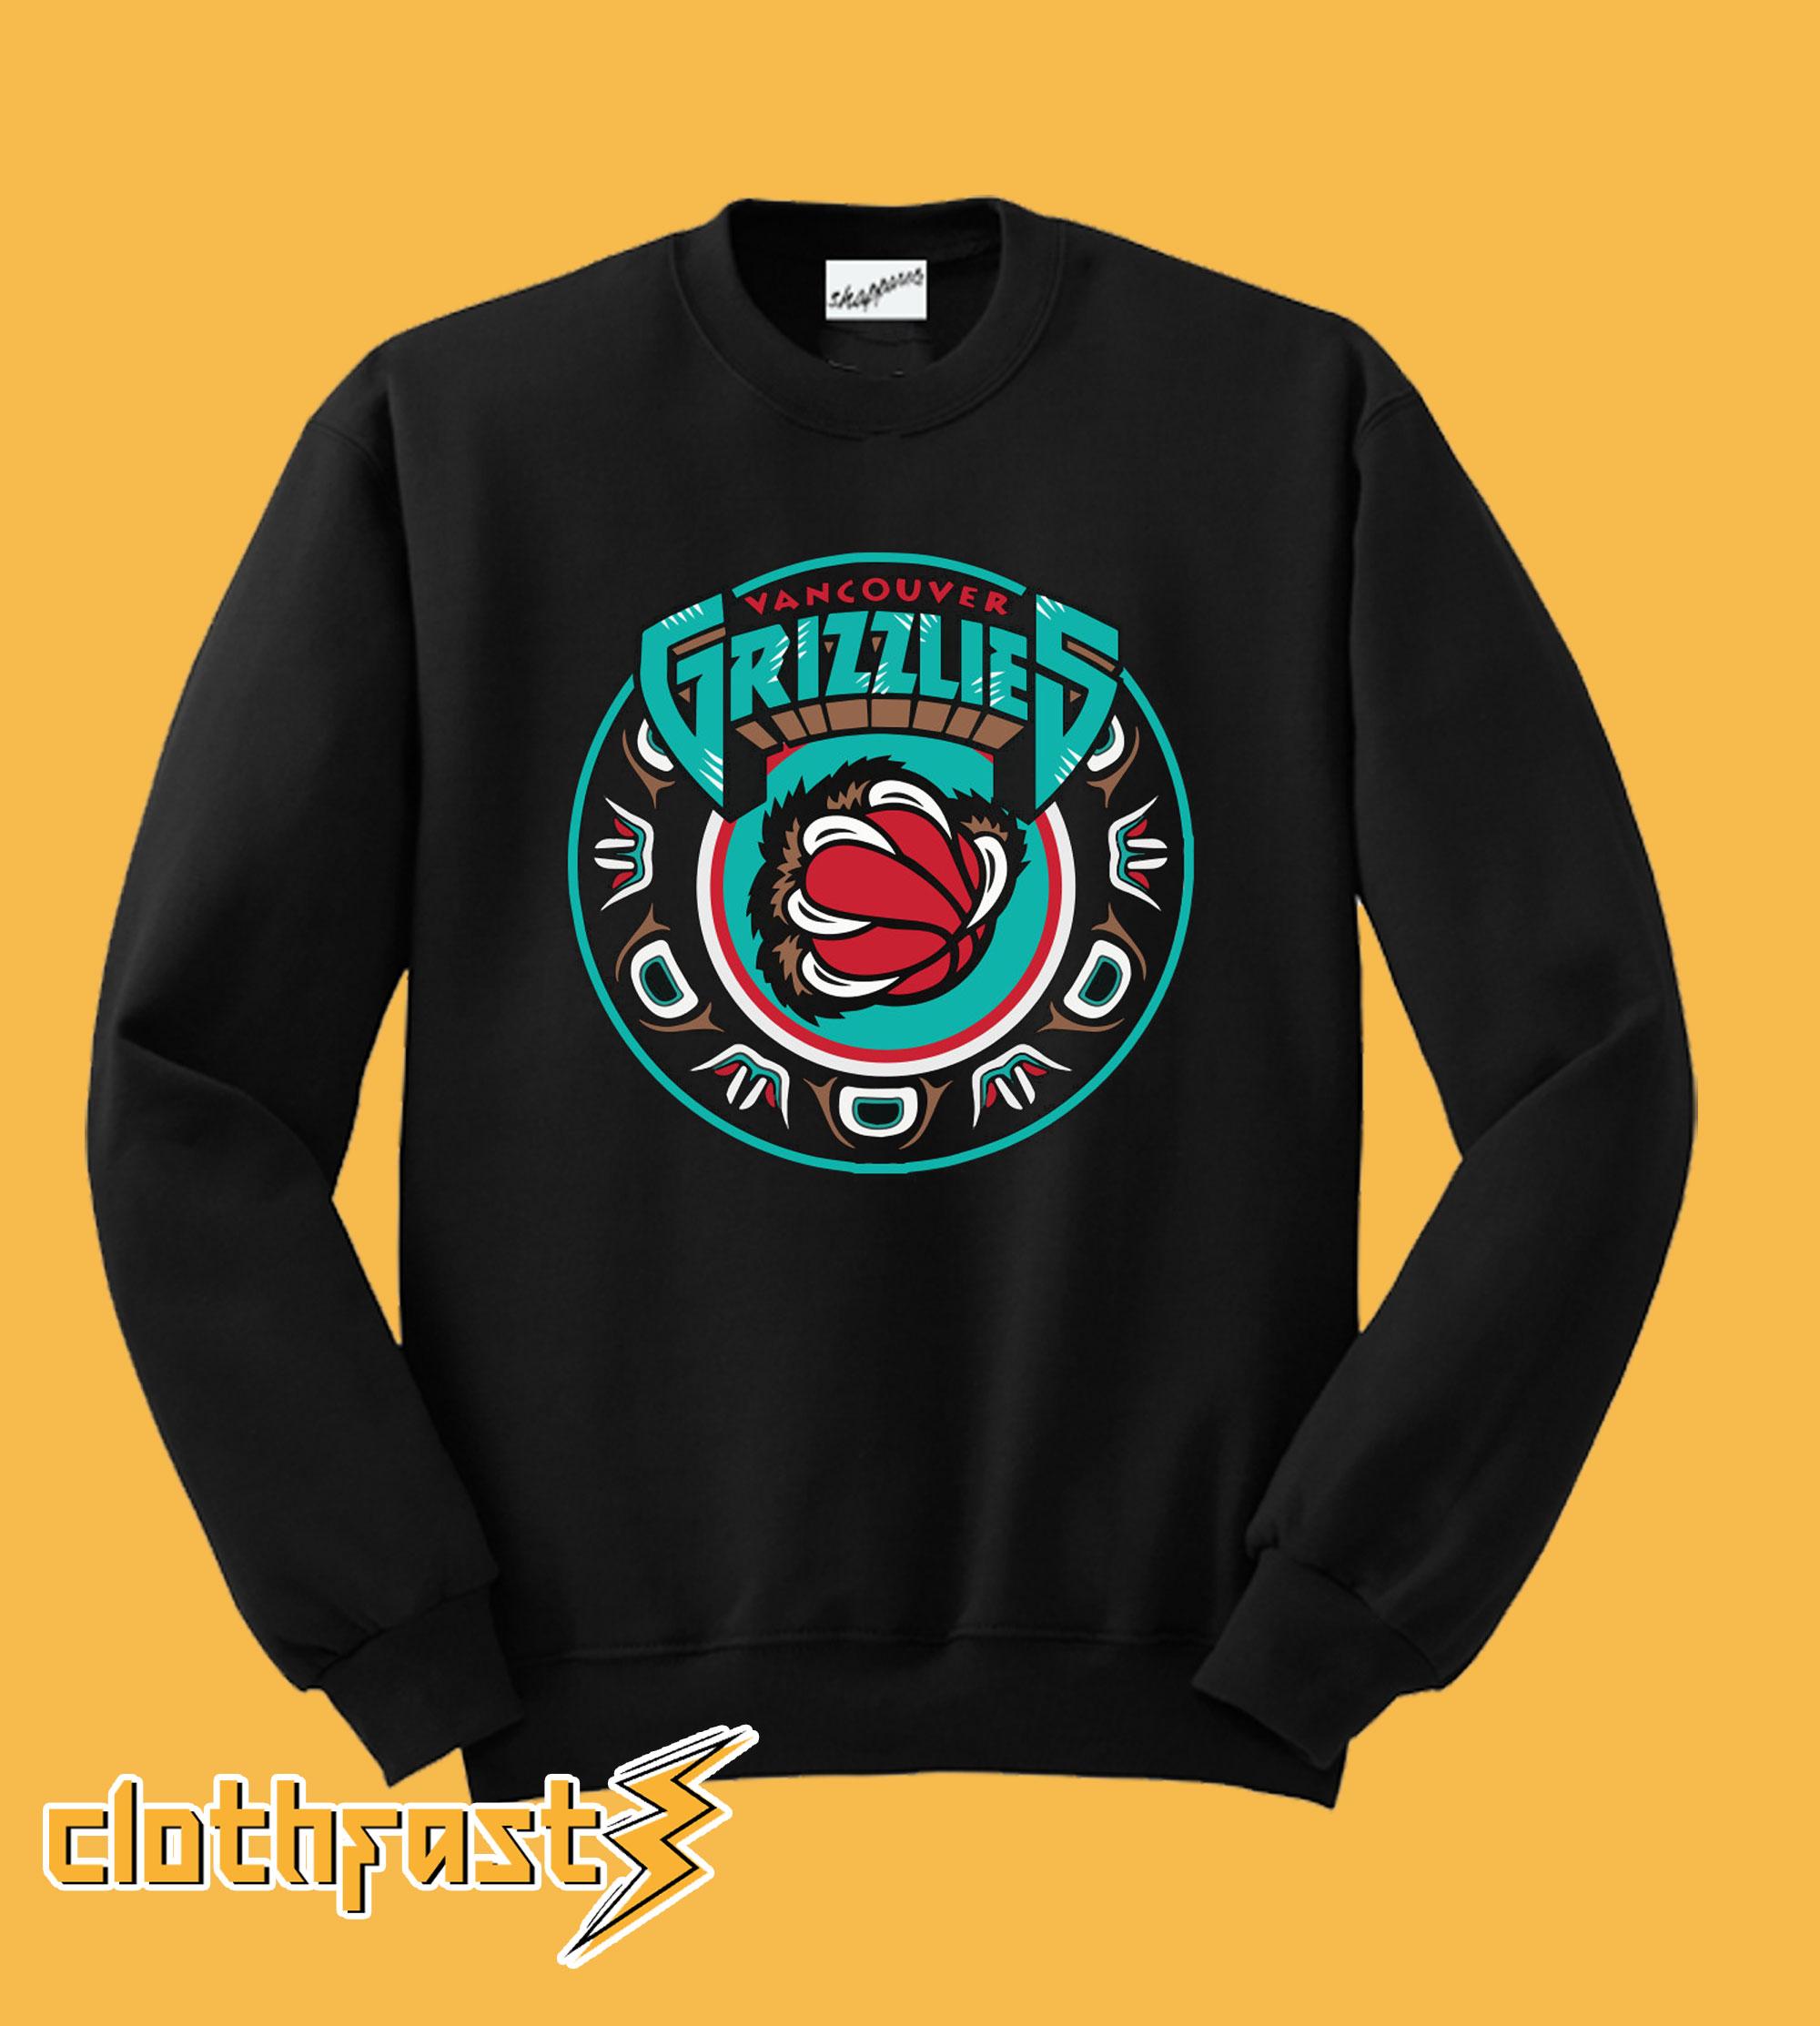 Vancouver Grizzlies Sweatshirt